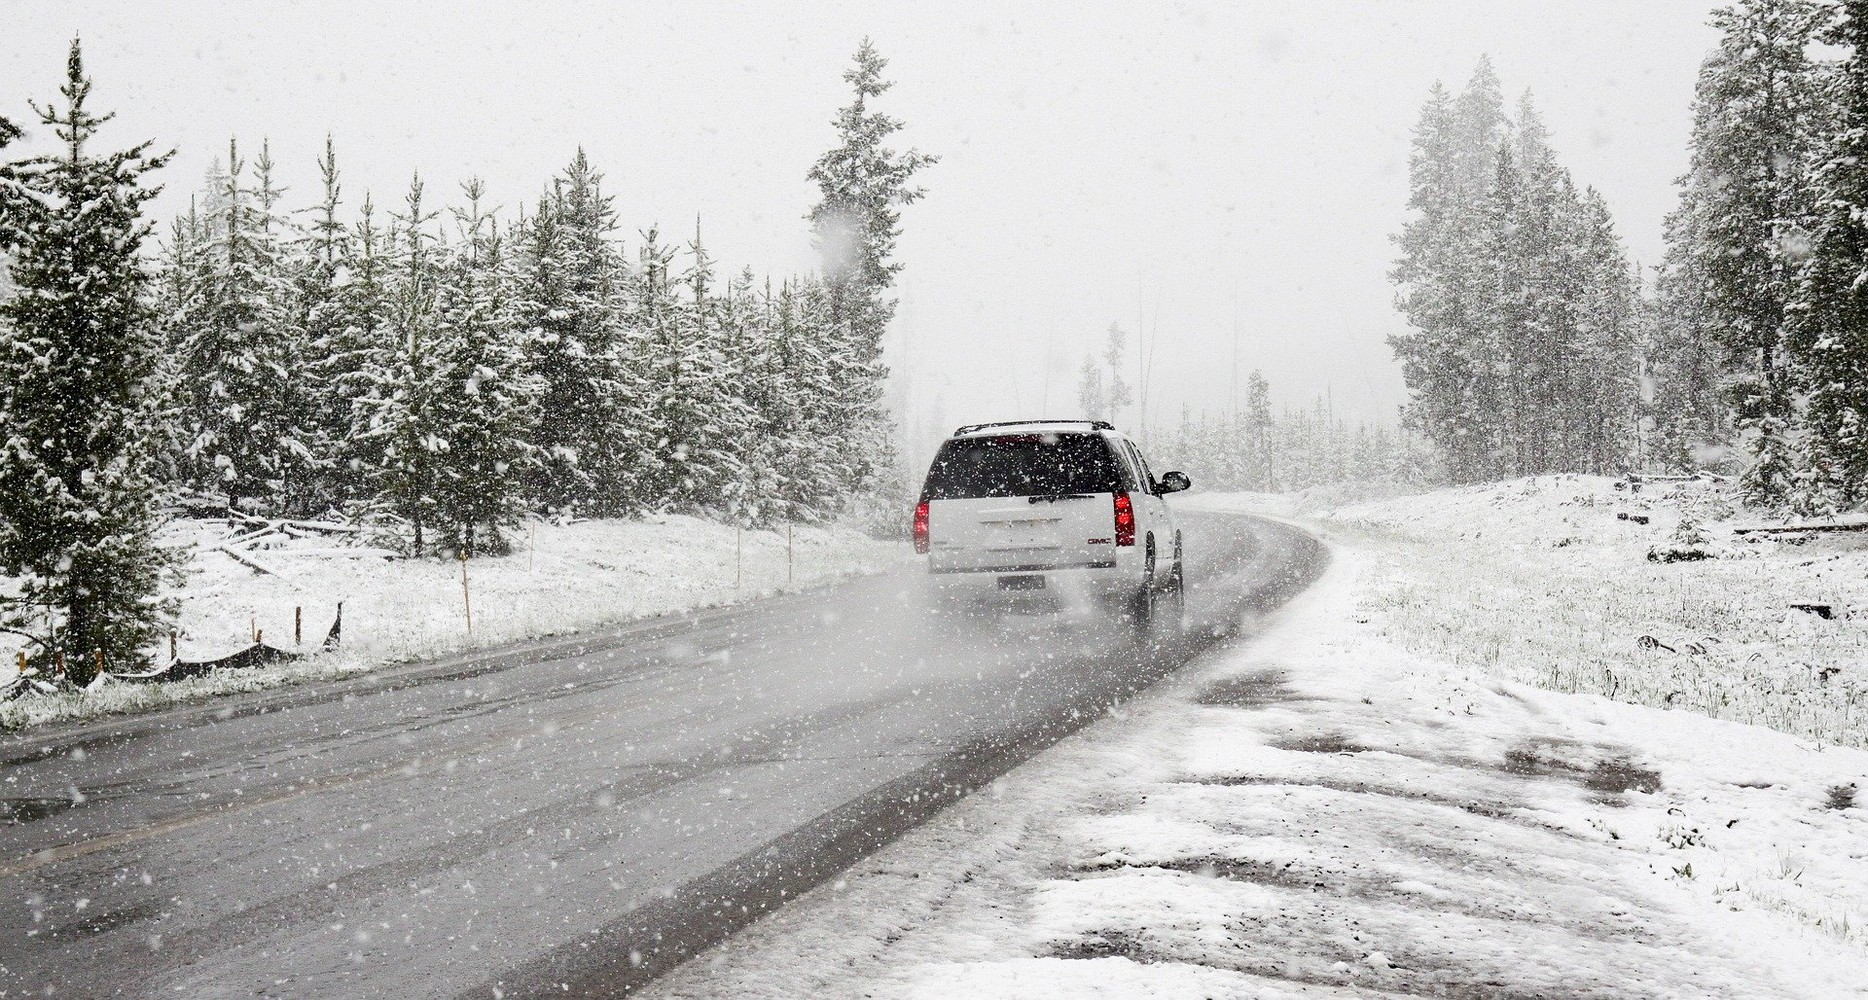 zimowa ochrona samochodu